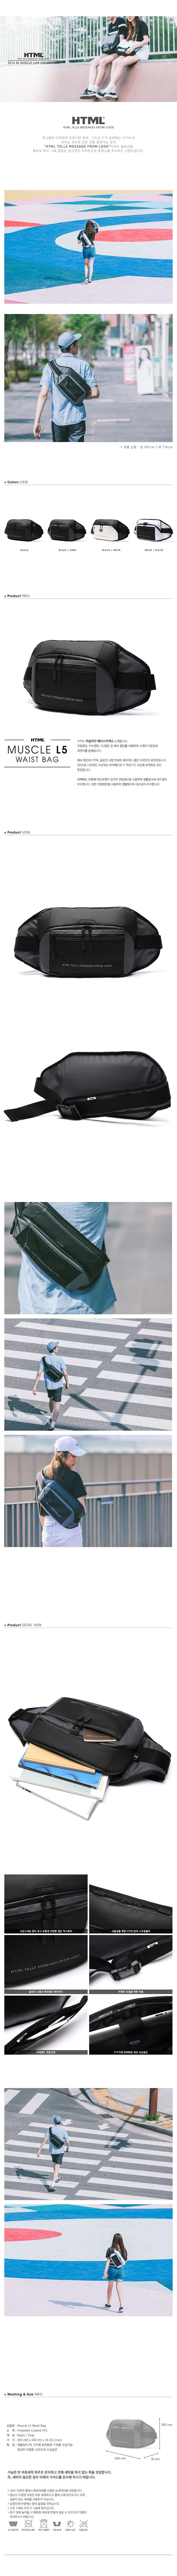 [에이치티엠엘]HTML - Muscle L5 Waist Bag (BLACK/GRAY) 가방 웨이스트백 힙색